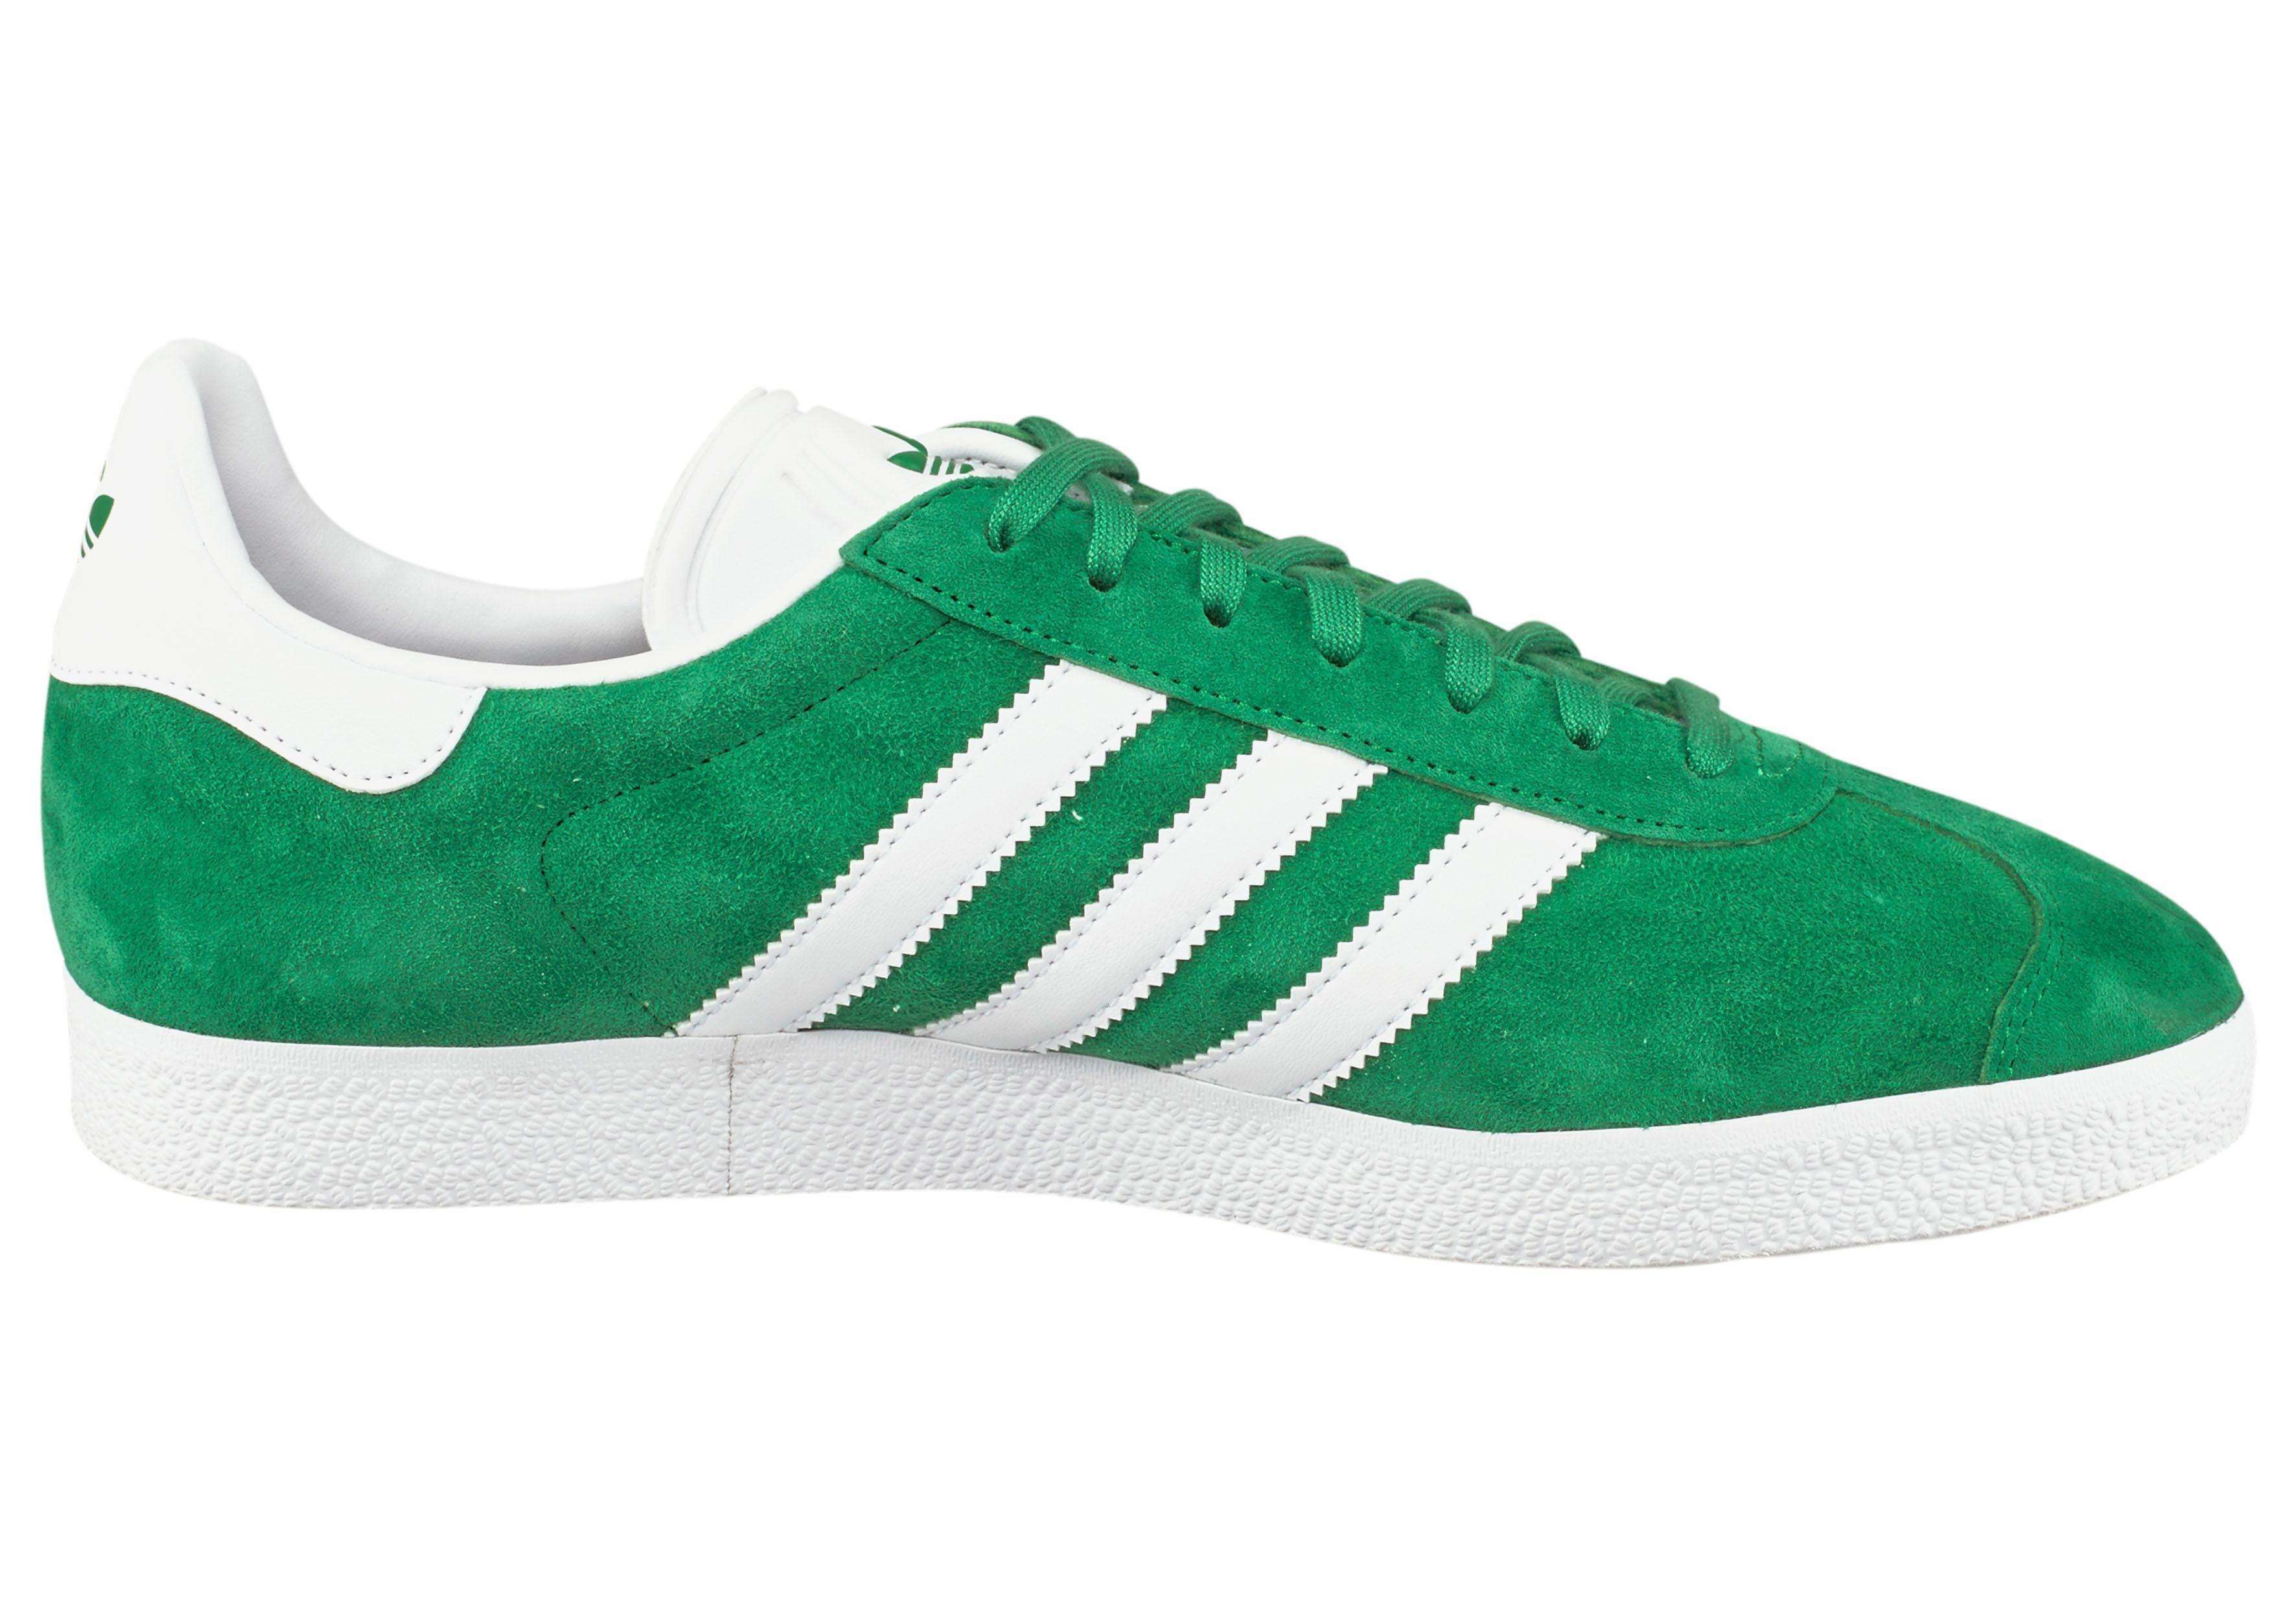 adidas gazelle groen wit